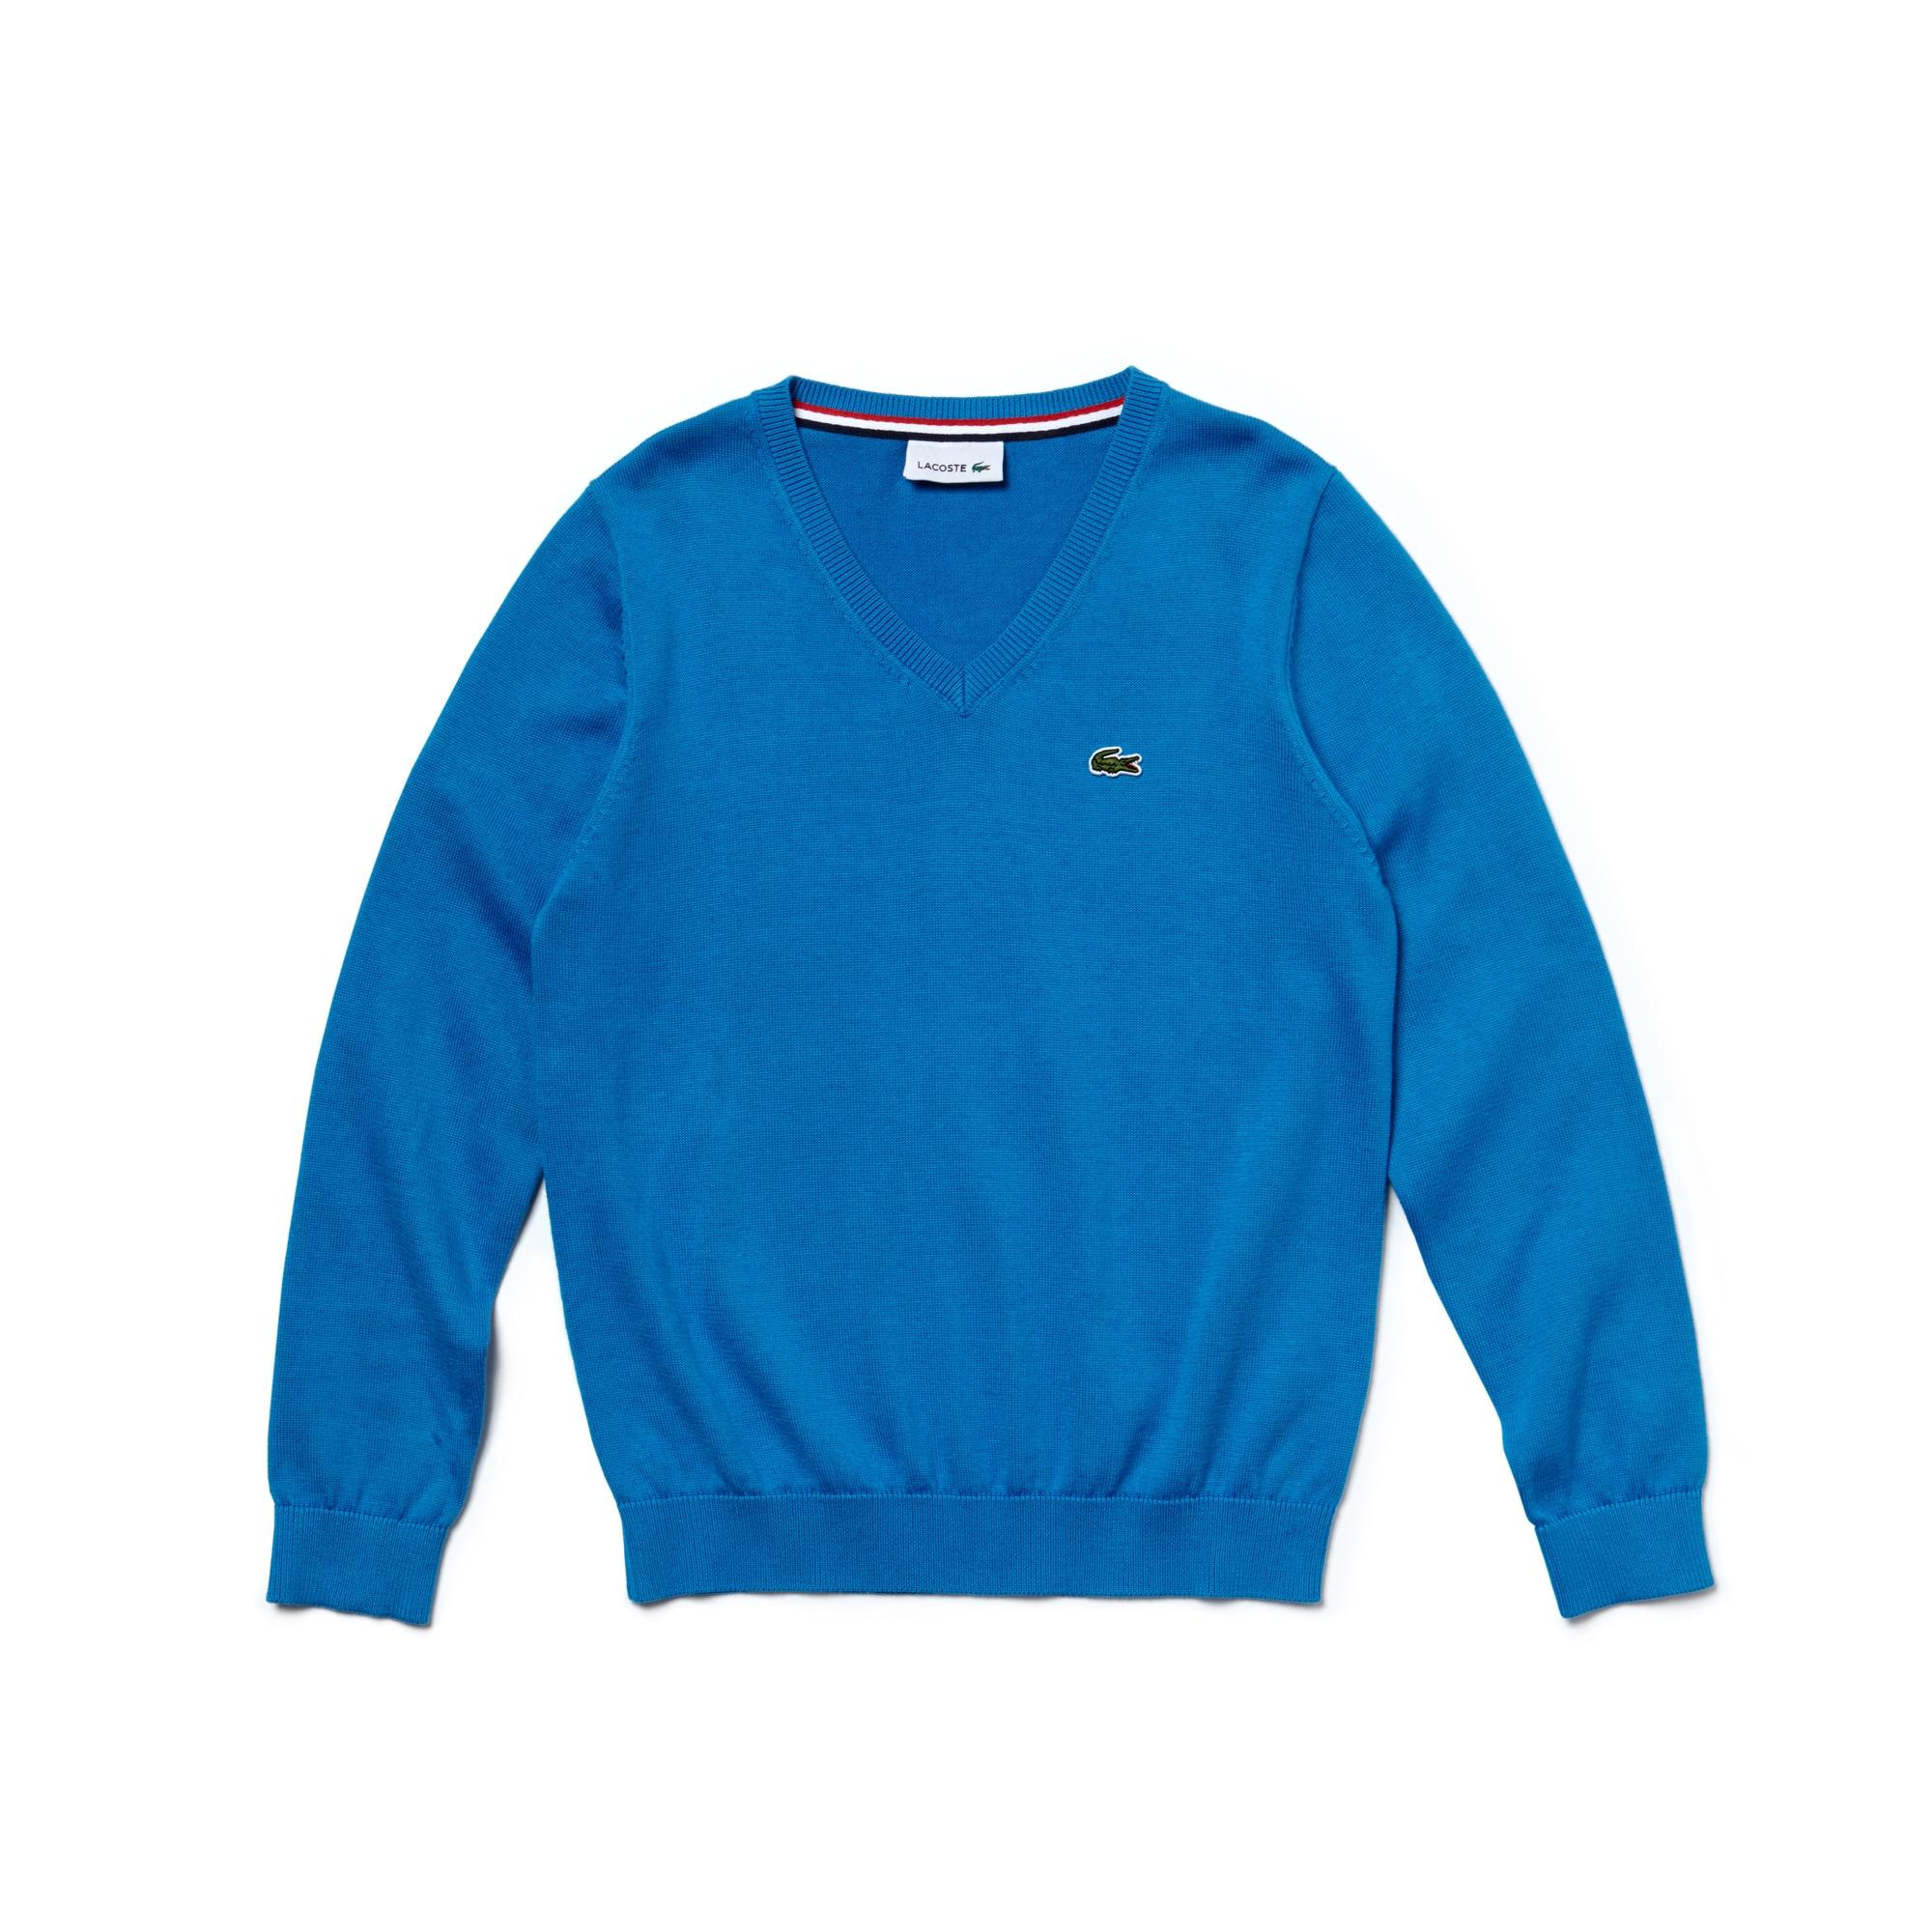 Boy's V-Neck Cotton Sweater